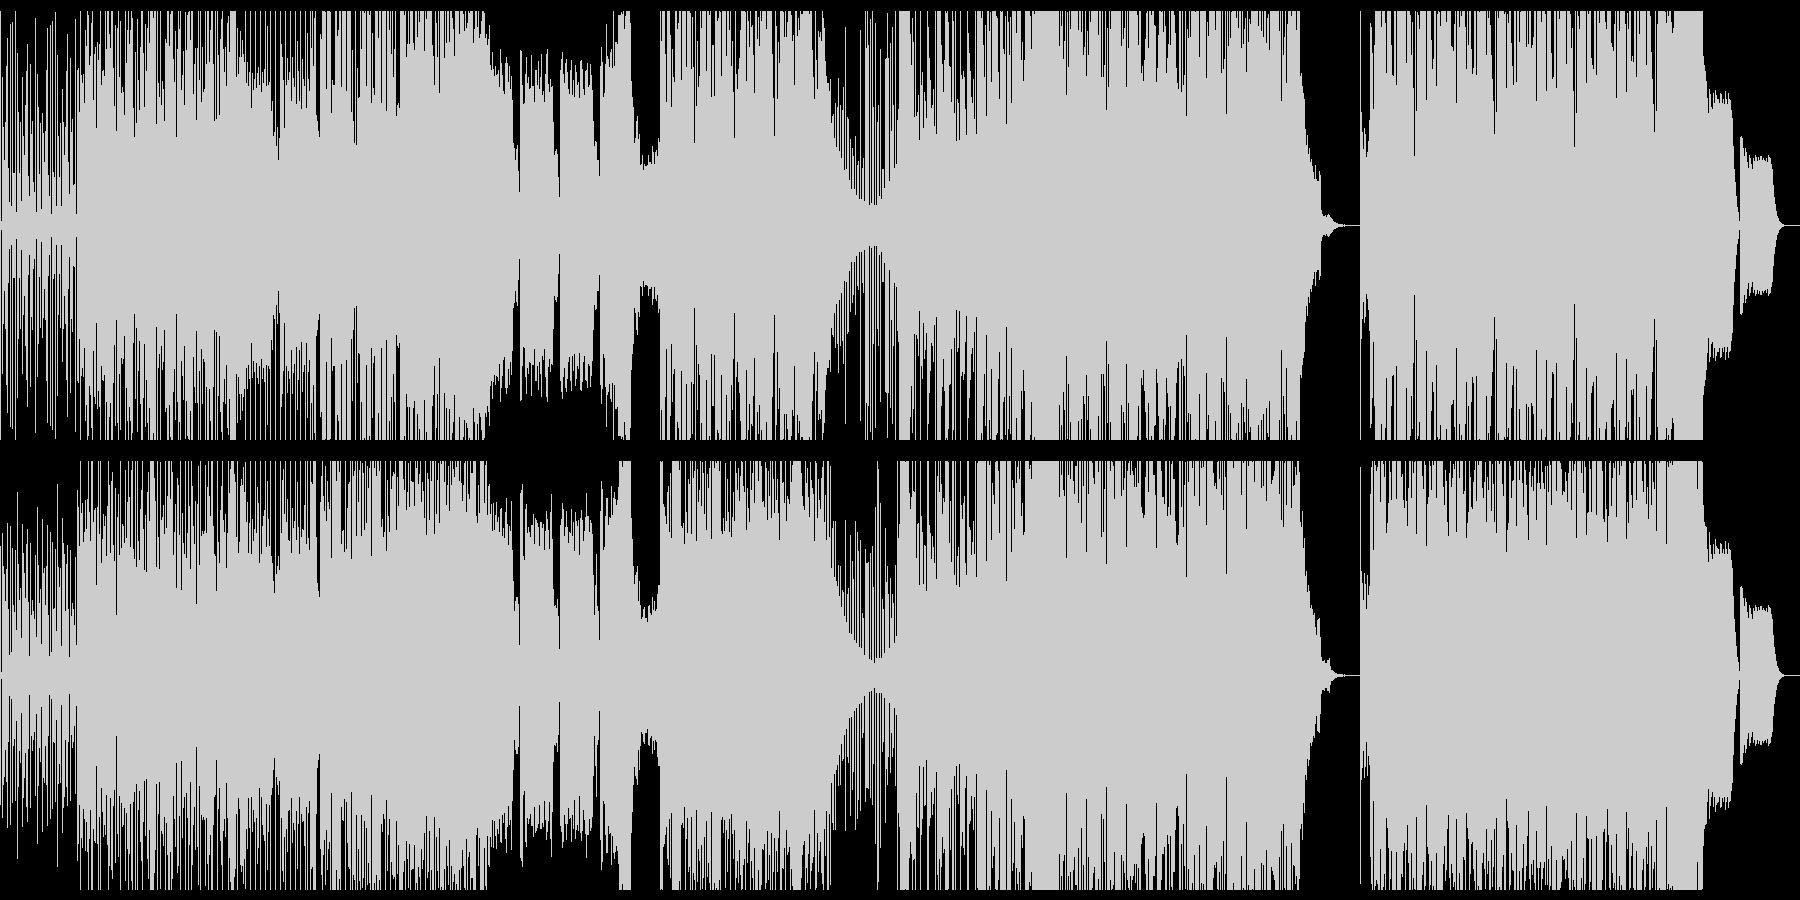 躍動感、疾走感のファンクなベースのBGMの未再生の波形